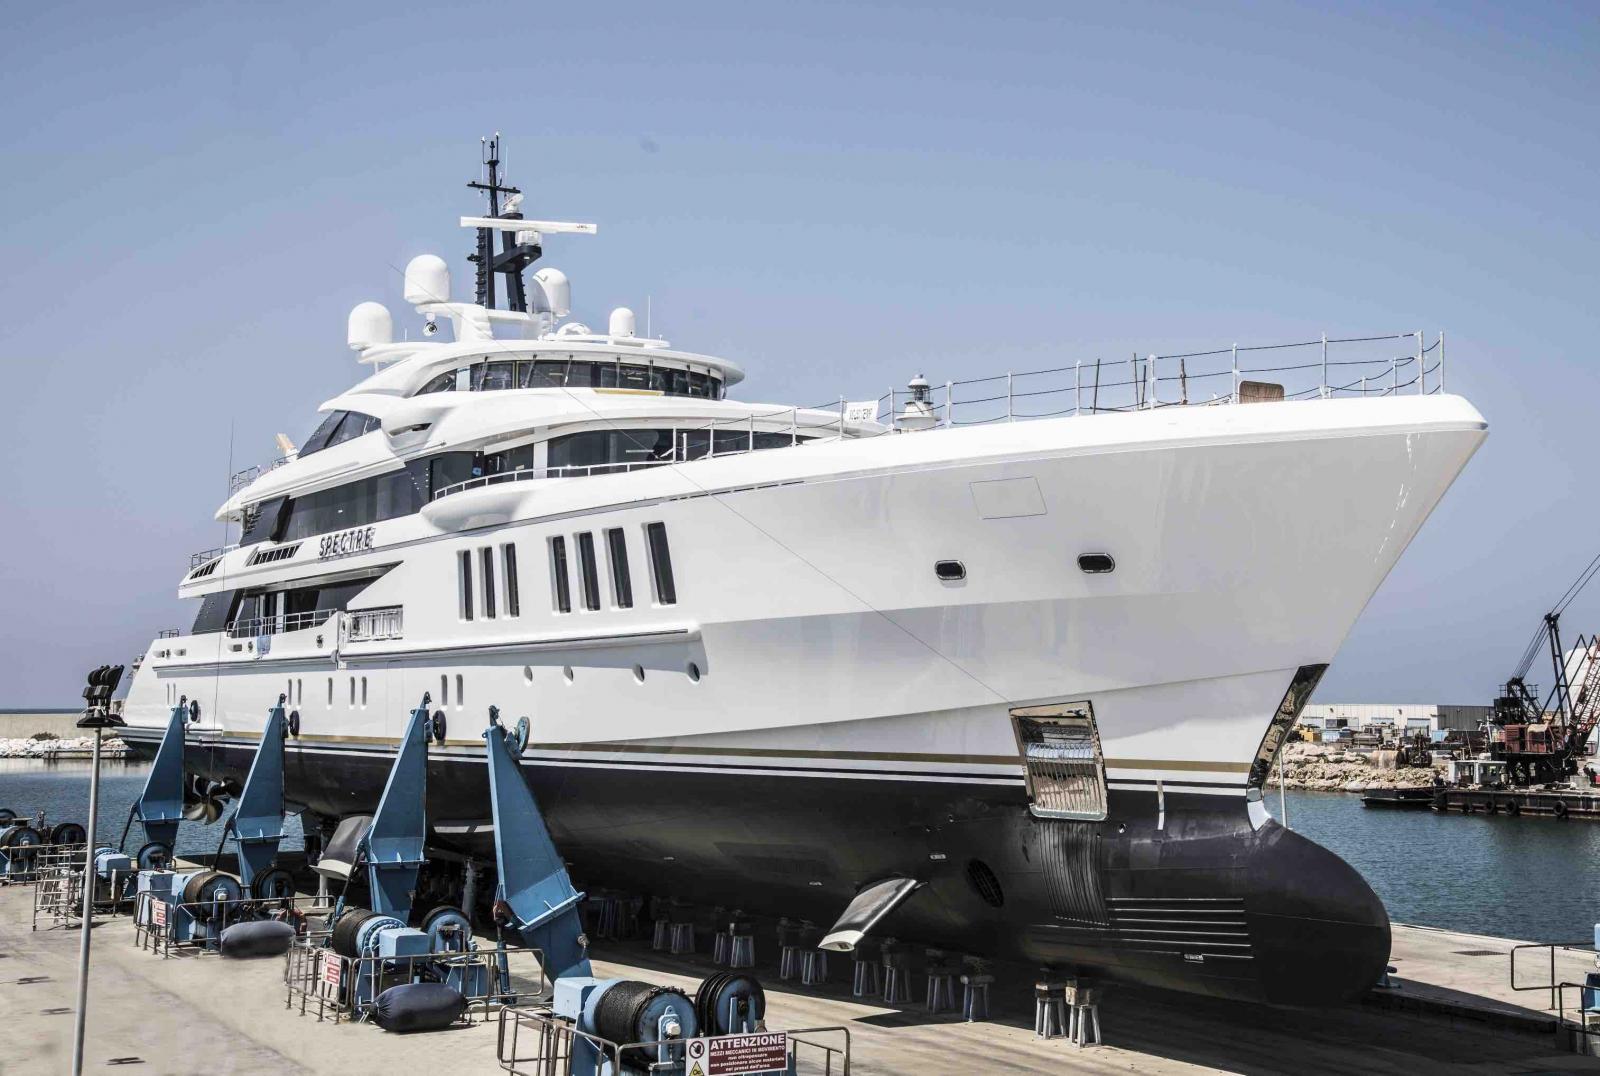 Benetti Yacht Full Custom 69 Meter Spectre